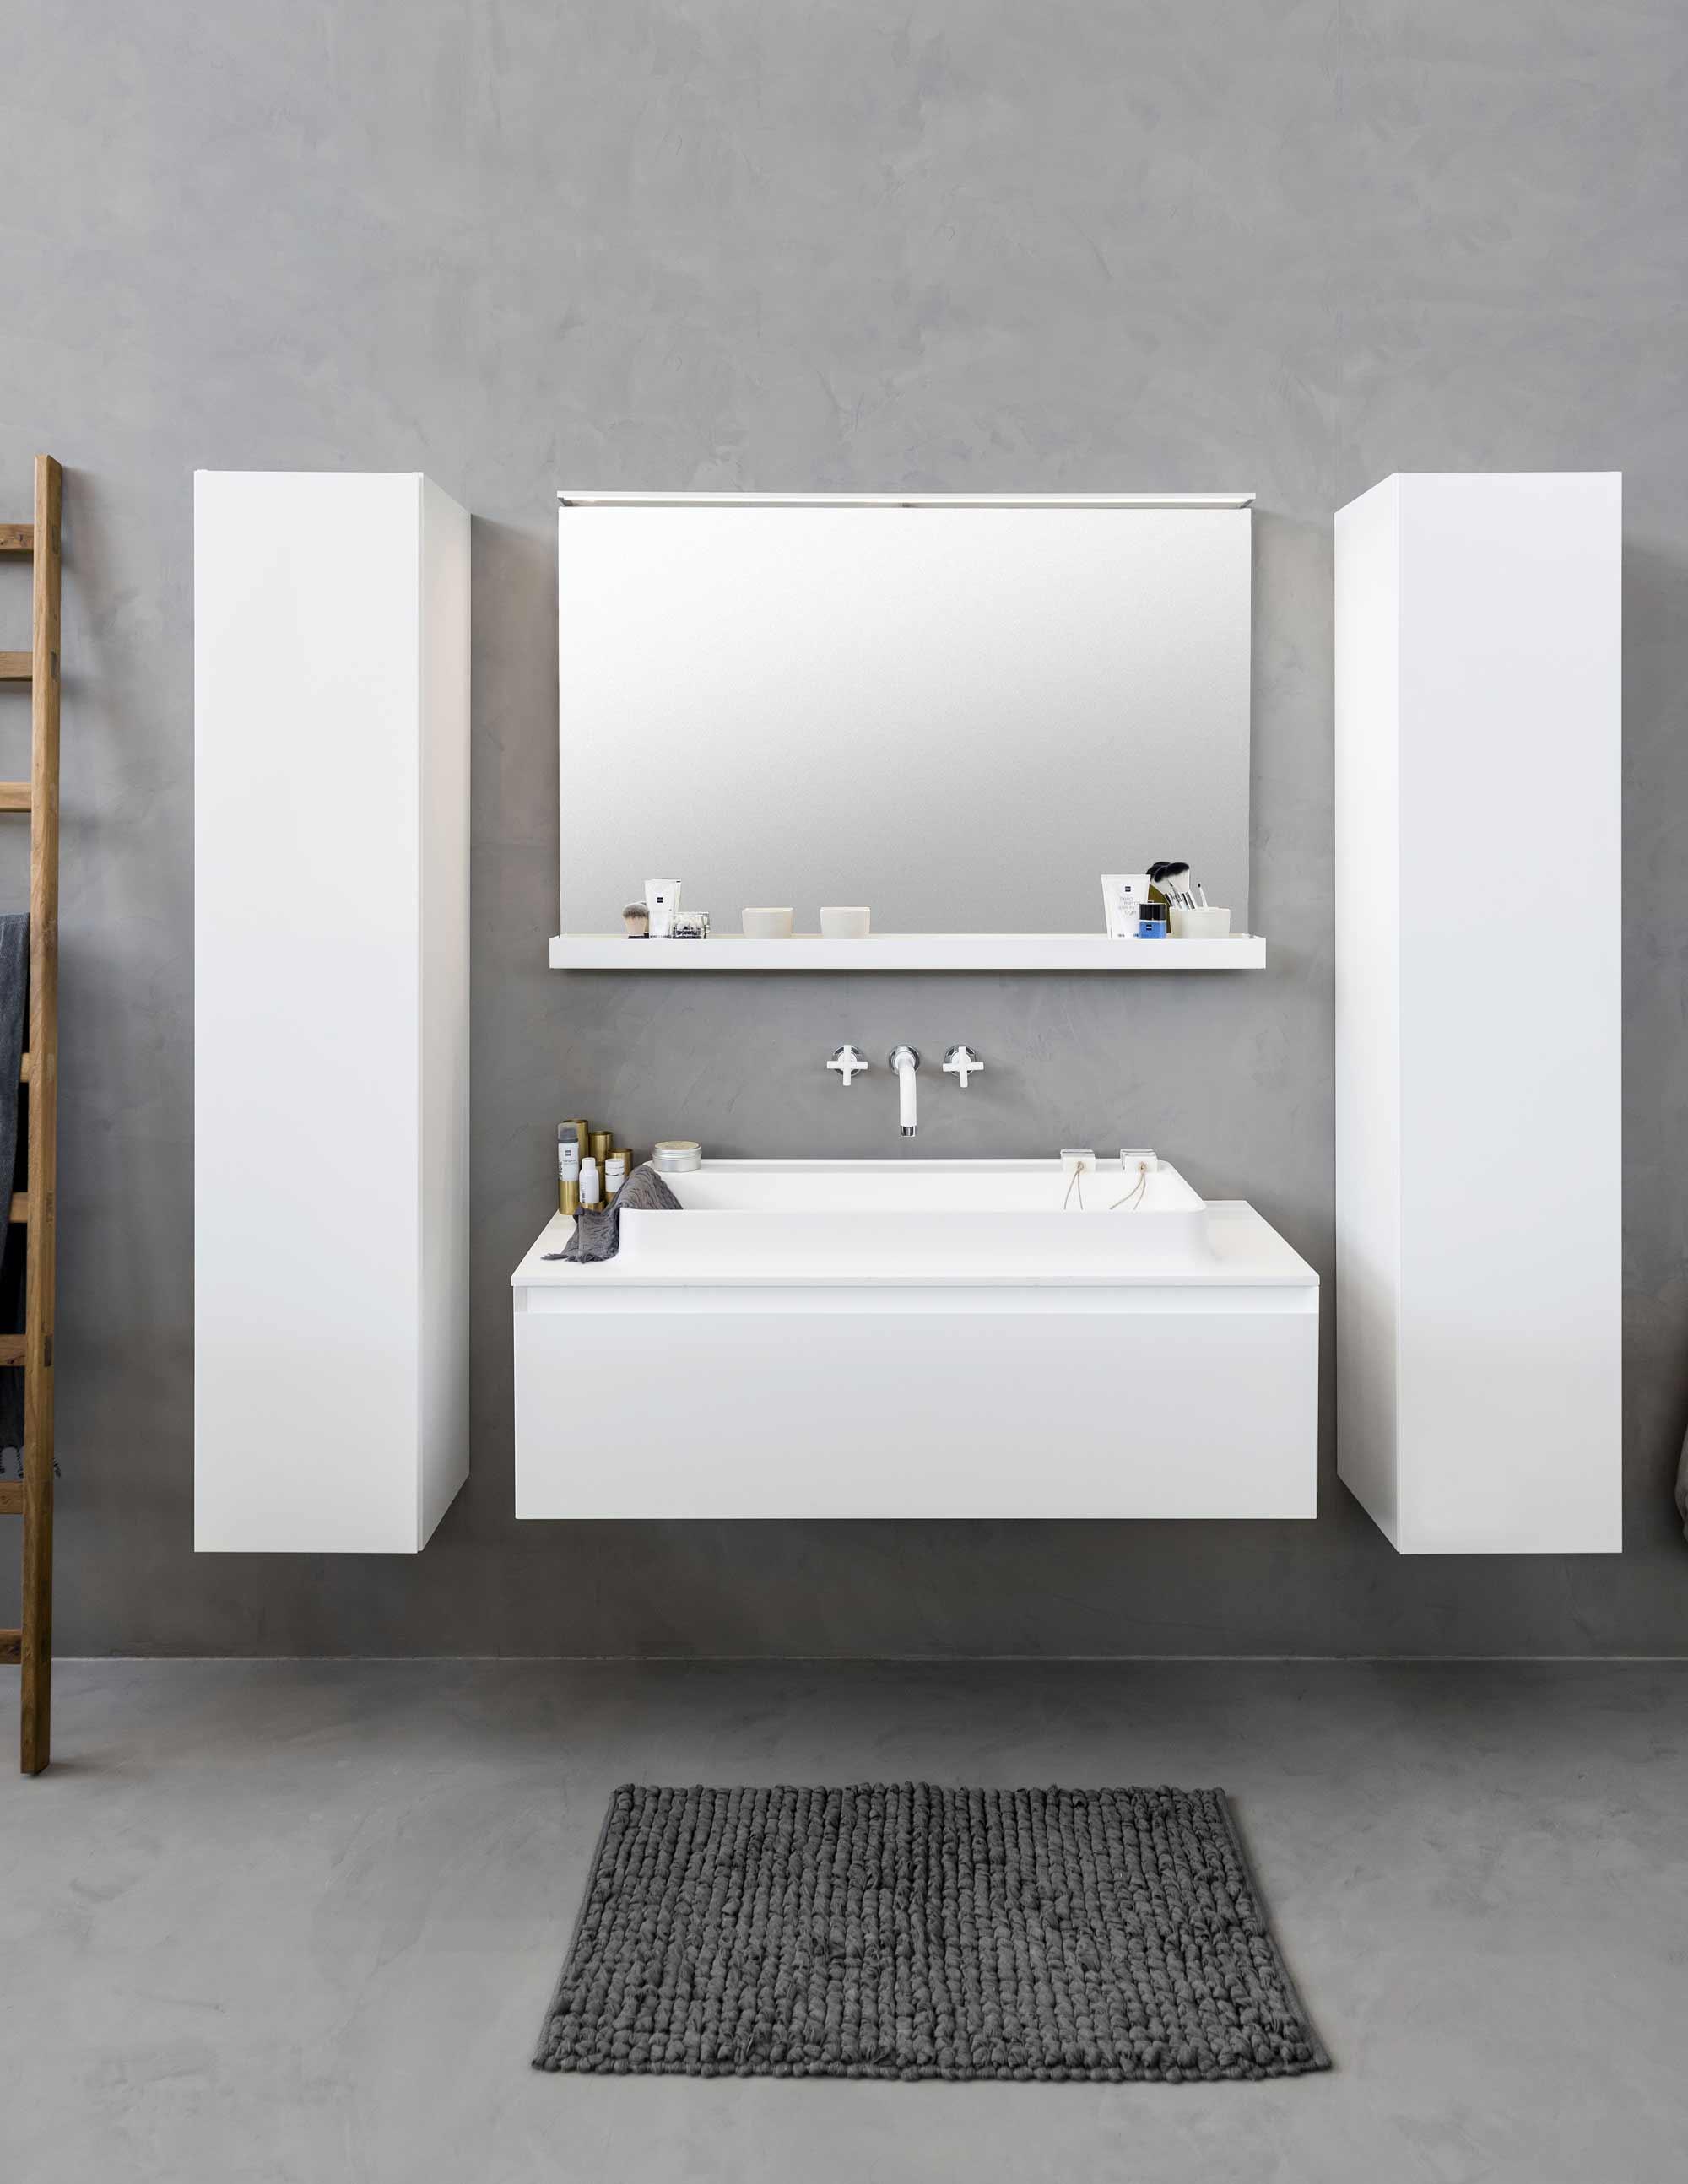 nieuwe badkamer wit basic beton